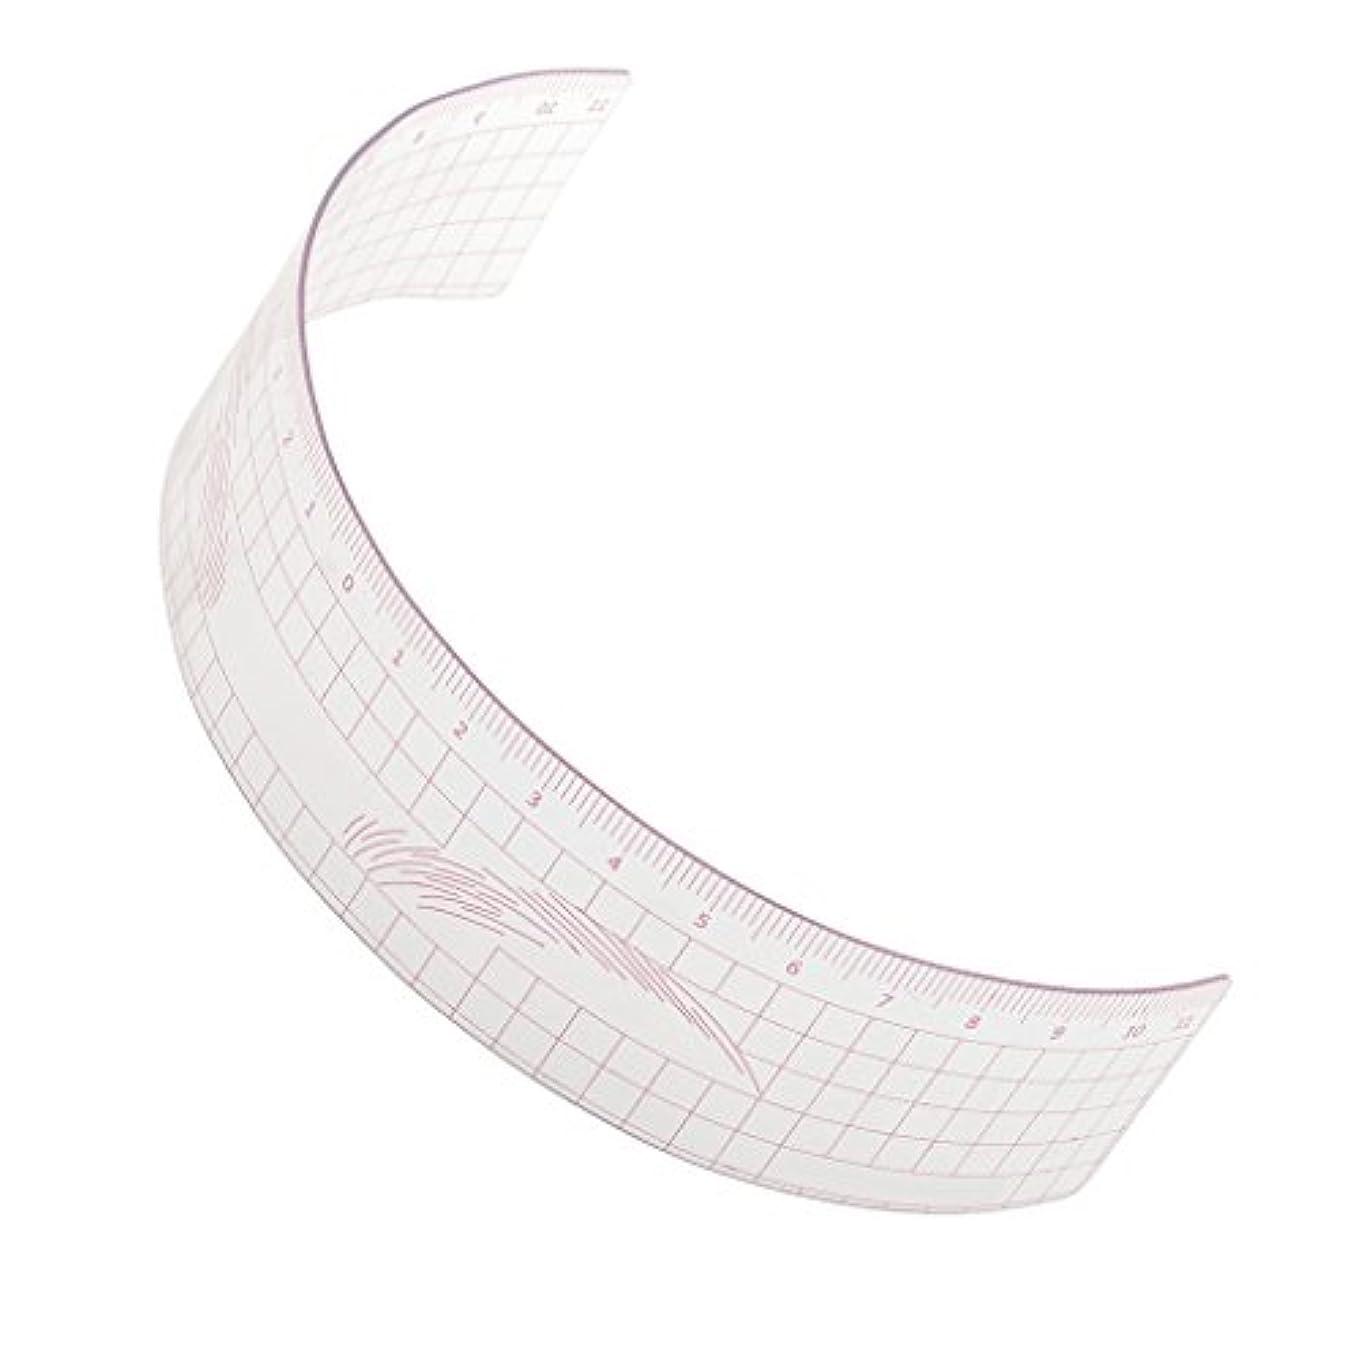 サスティーンペンス提供再利用可能 メイク 眉毛ステンシル マイクロブレード 測定用 ルーラー ツール 全3色 - ピンク